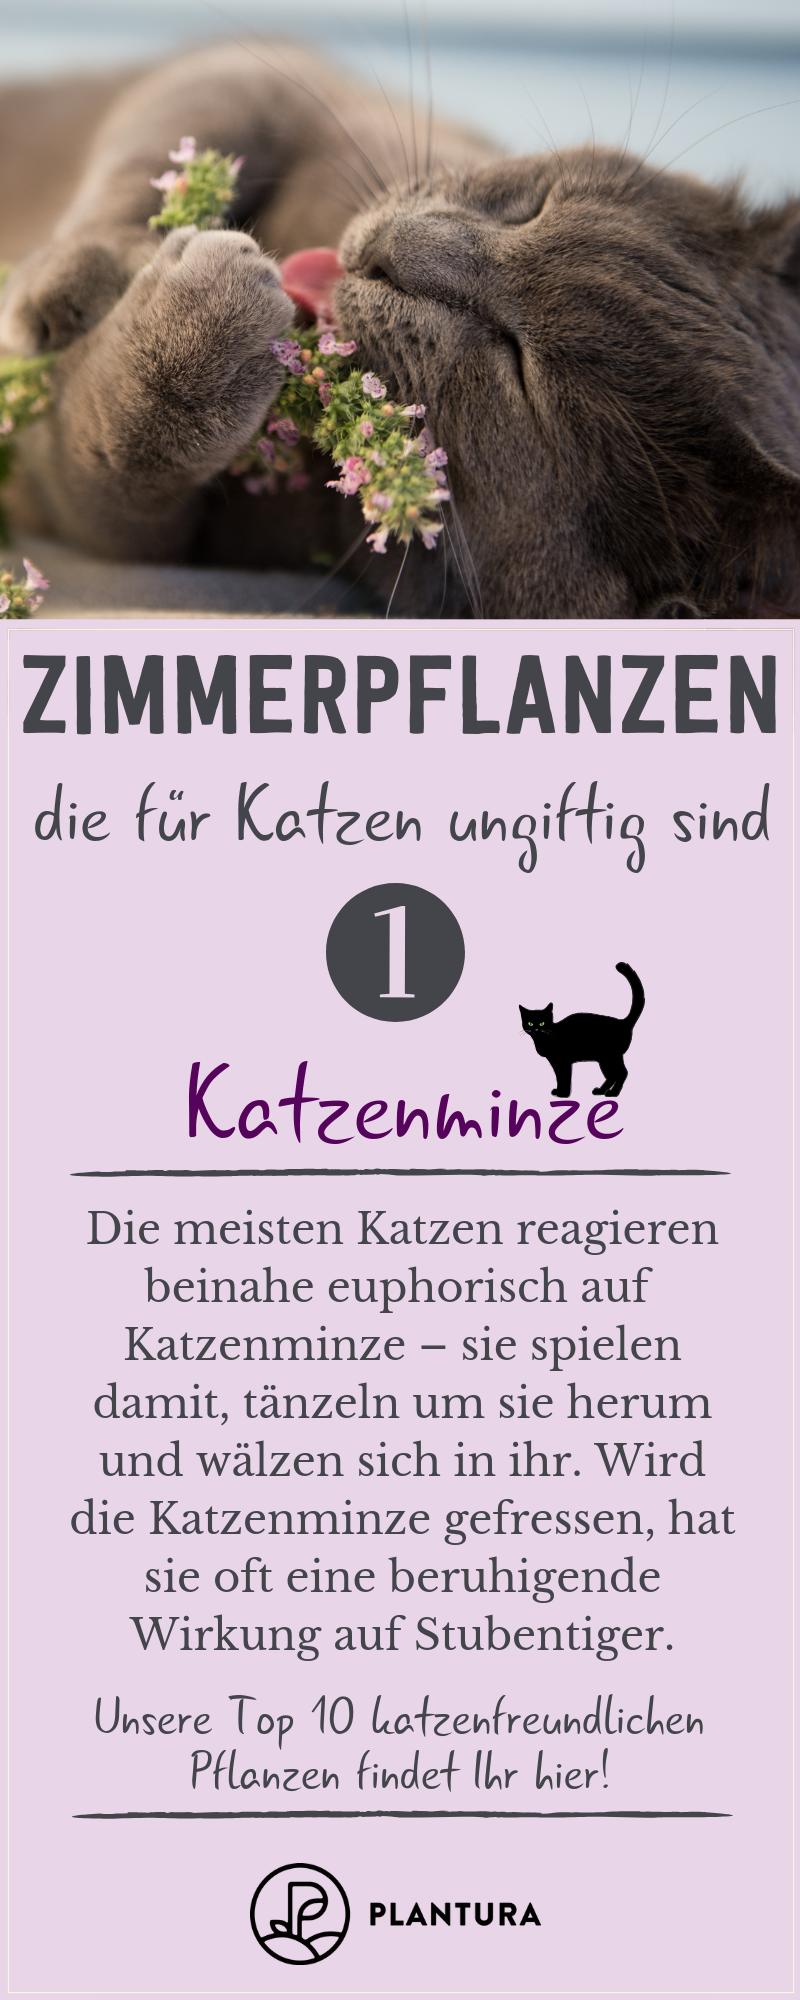 Ungiftige Zimmerpflanzen Fur Katzen Unsere Top 10 Ungiftige Zimmerpflanzen Fur Katzen Ungiftige Zimmerpflanzen Pflanzen